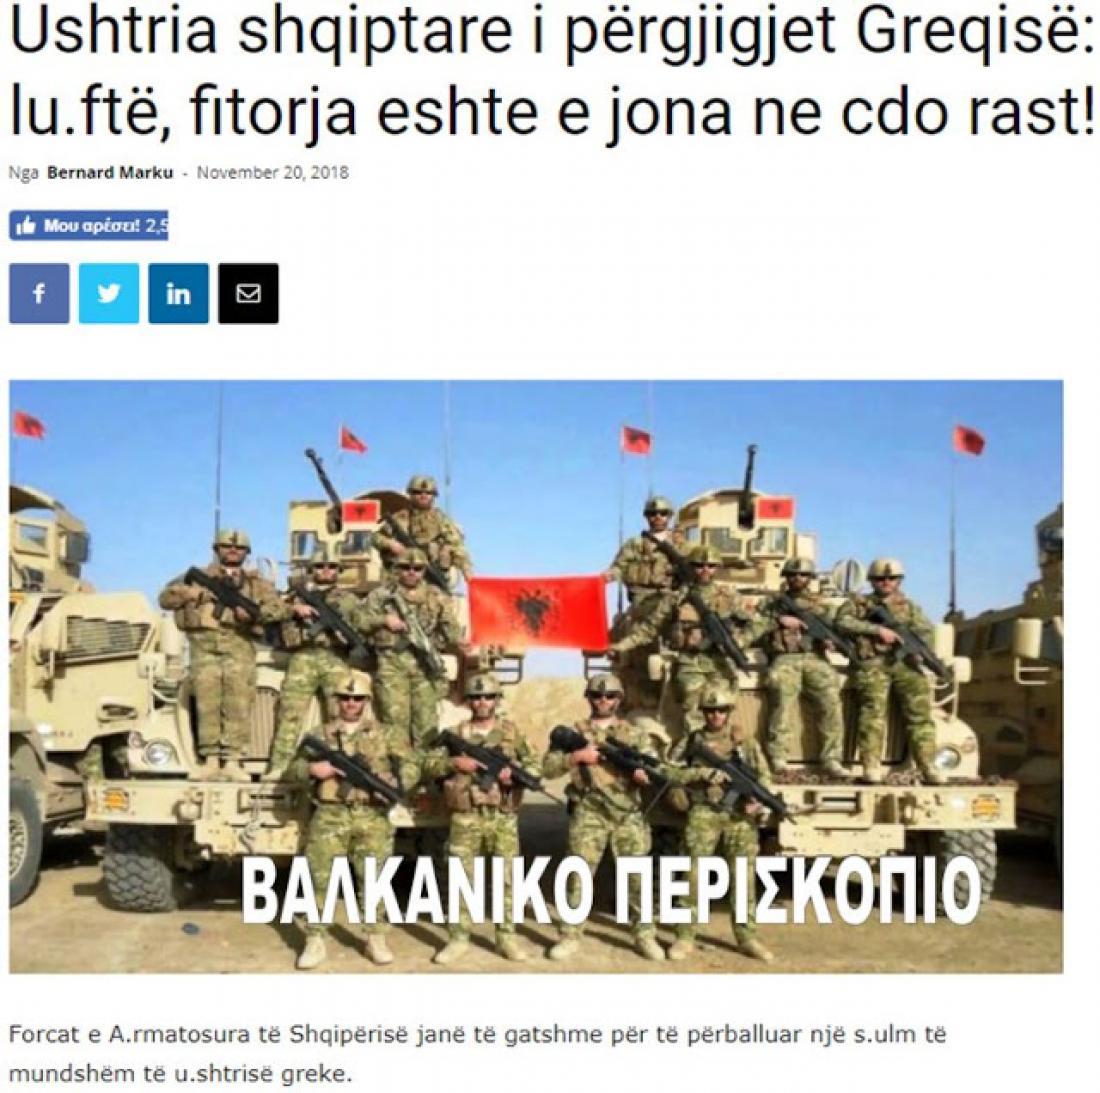 Περίεργο αλβανικό έγγραφο: Ο Αλβανικός Στρατός έτοιμος να αντιμετωπίσει σε πόλεμο την Ελλάδα και να νικήσει